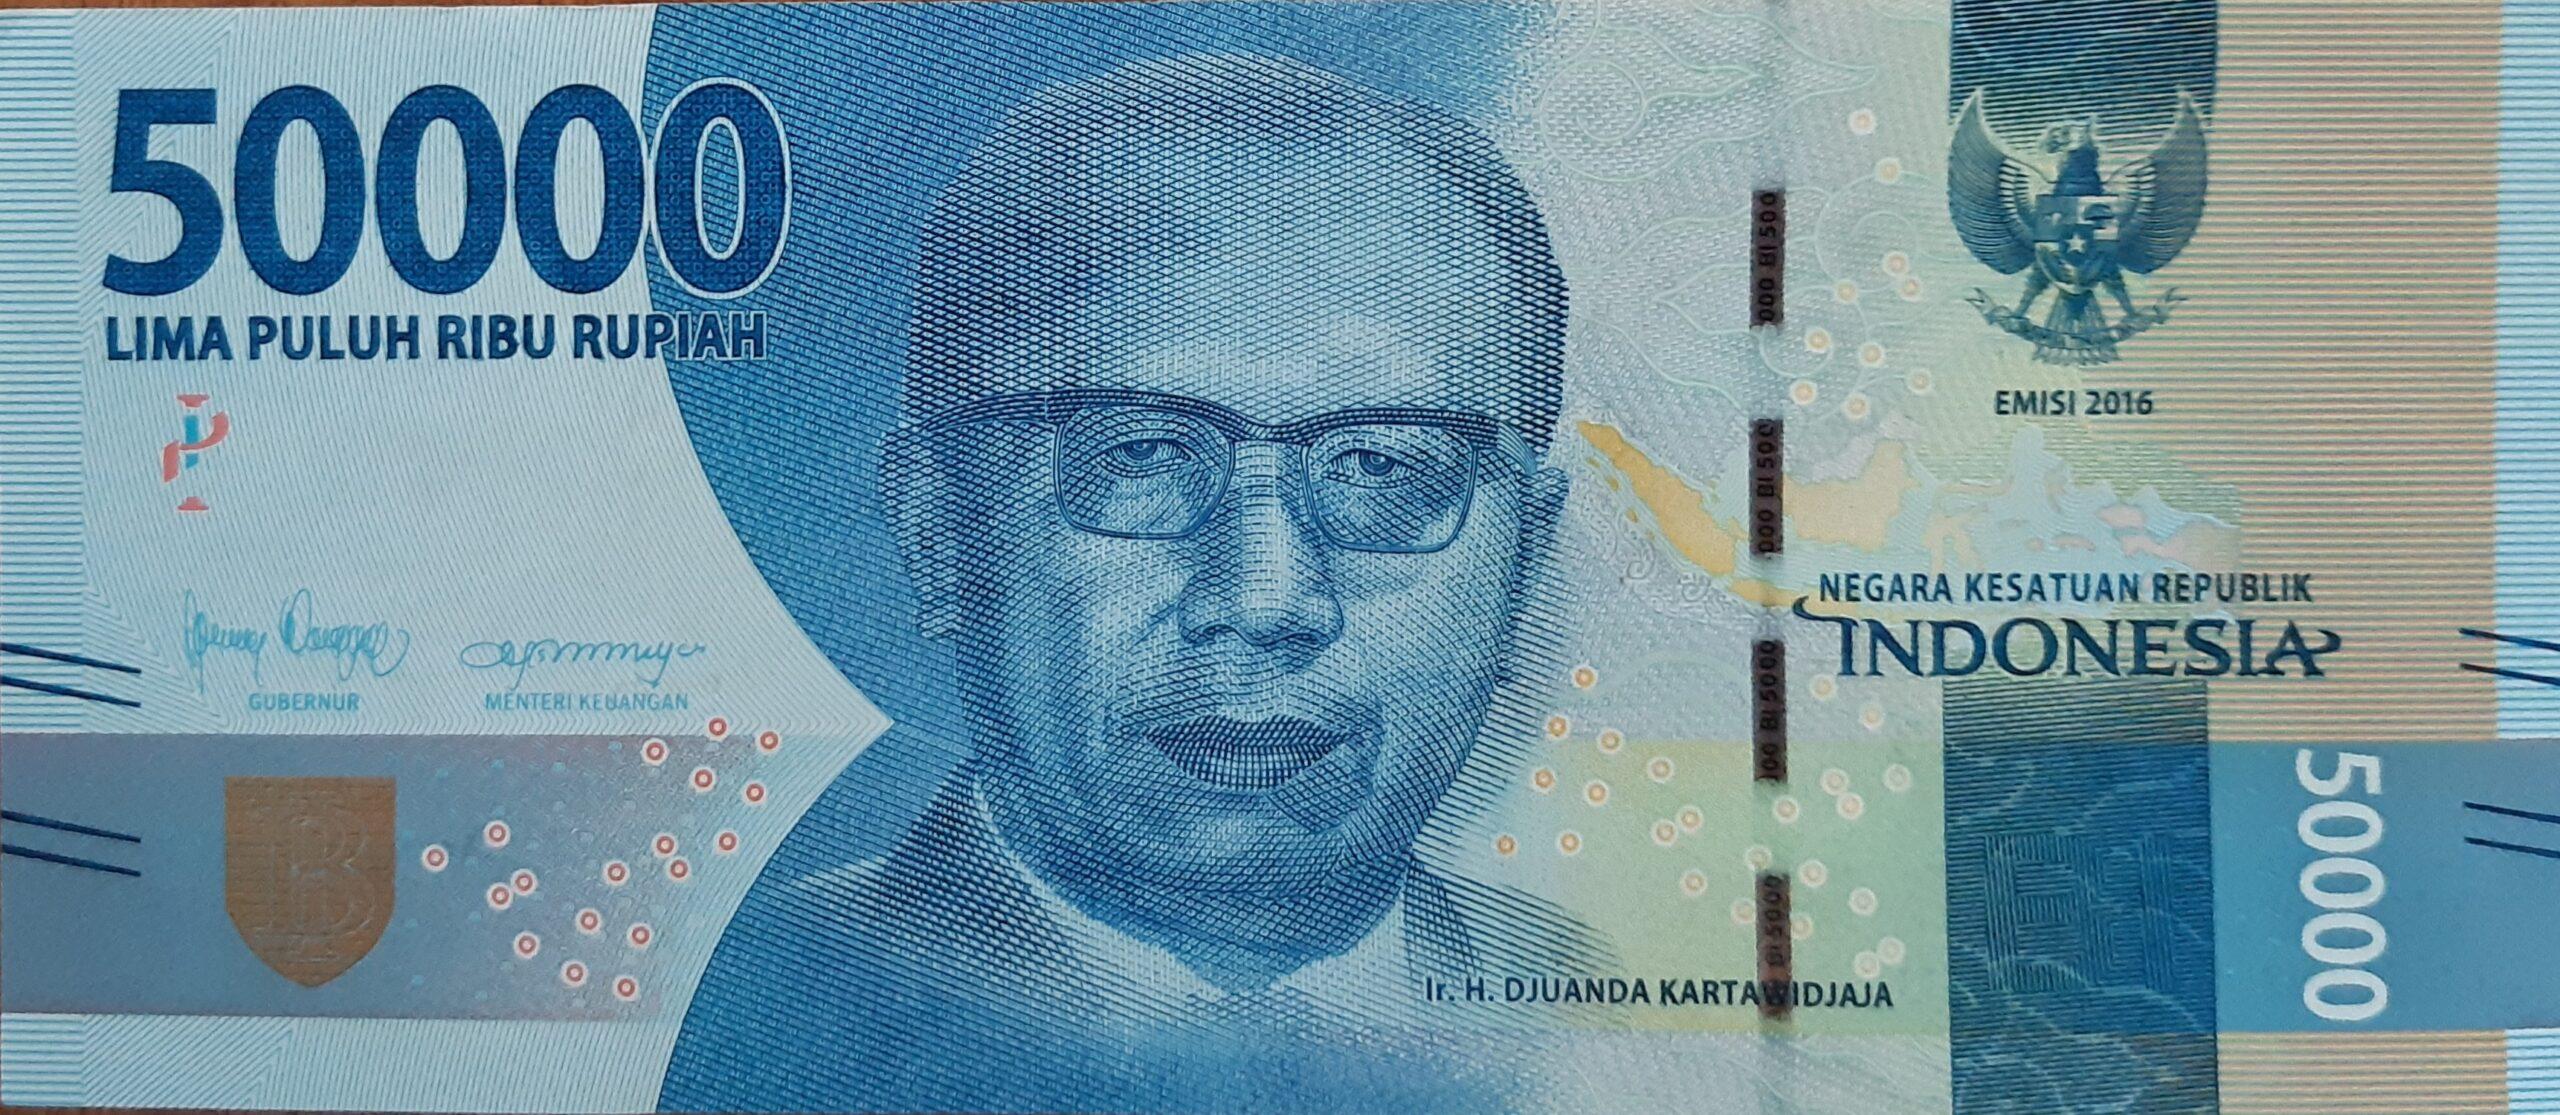 Tiền giấy 50,000 IDR thường được sử dụng